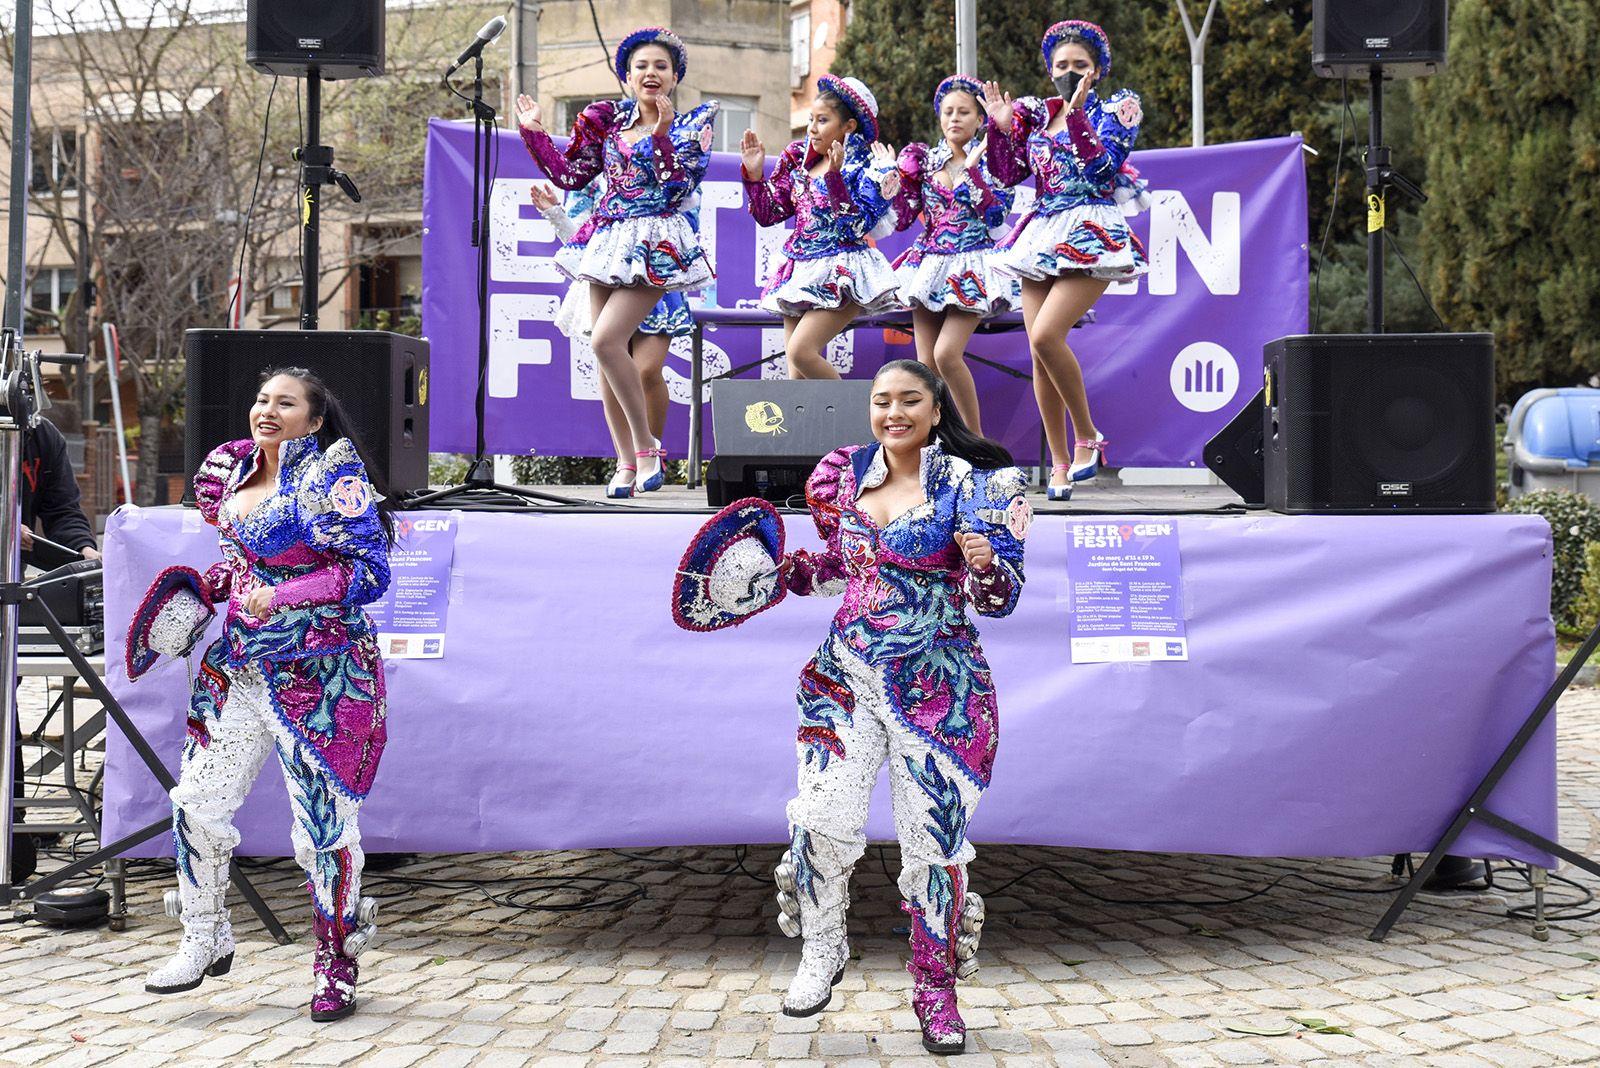 """Actuació de dansa a càrrec de l'associació folklòrica i cultural de Bolívia Caporales """"La Fraternidad"""". ESTROGENFEST. Foto: Bernat Millet."""